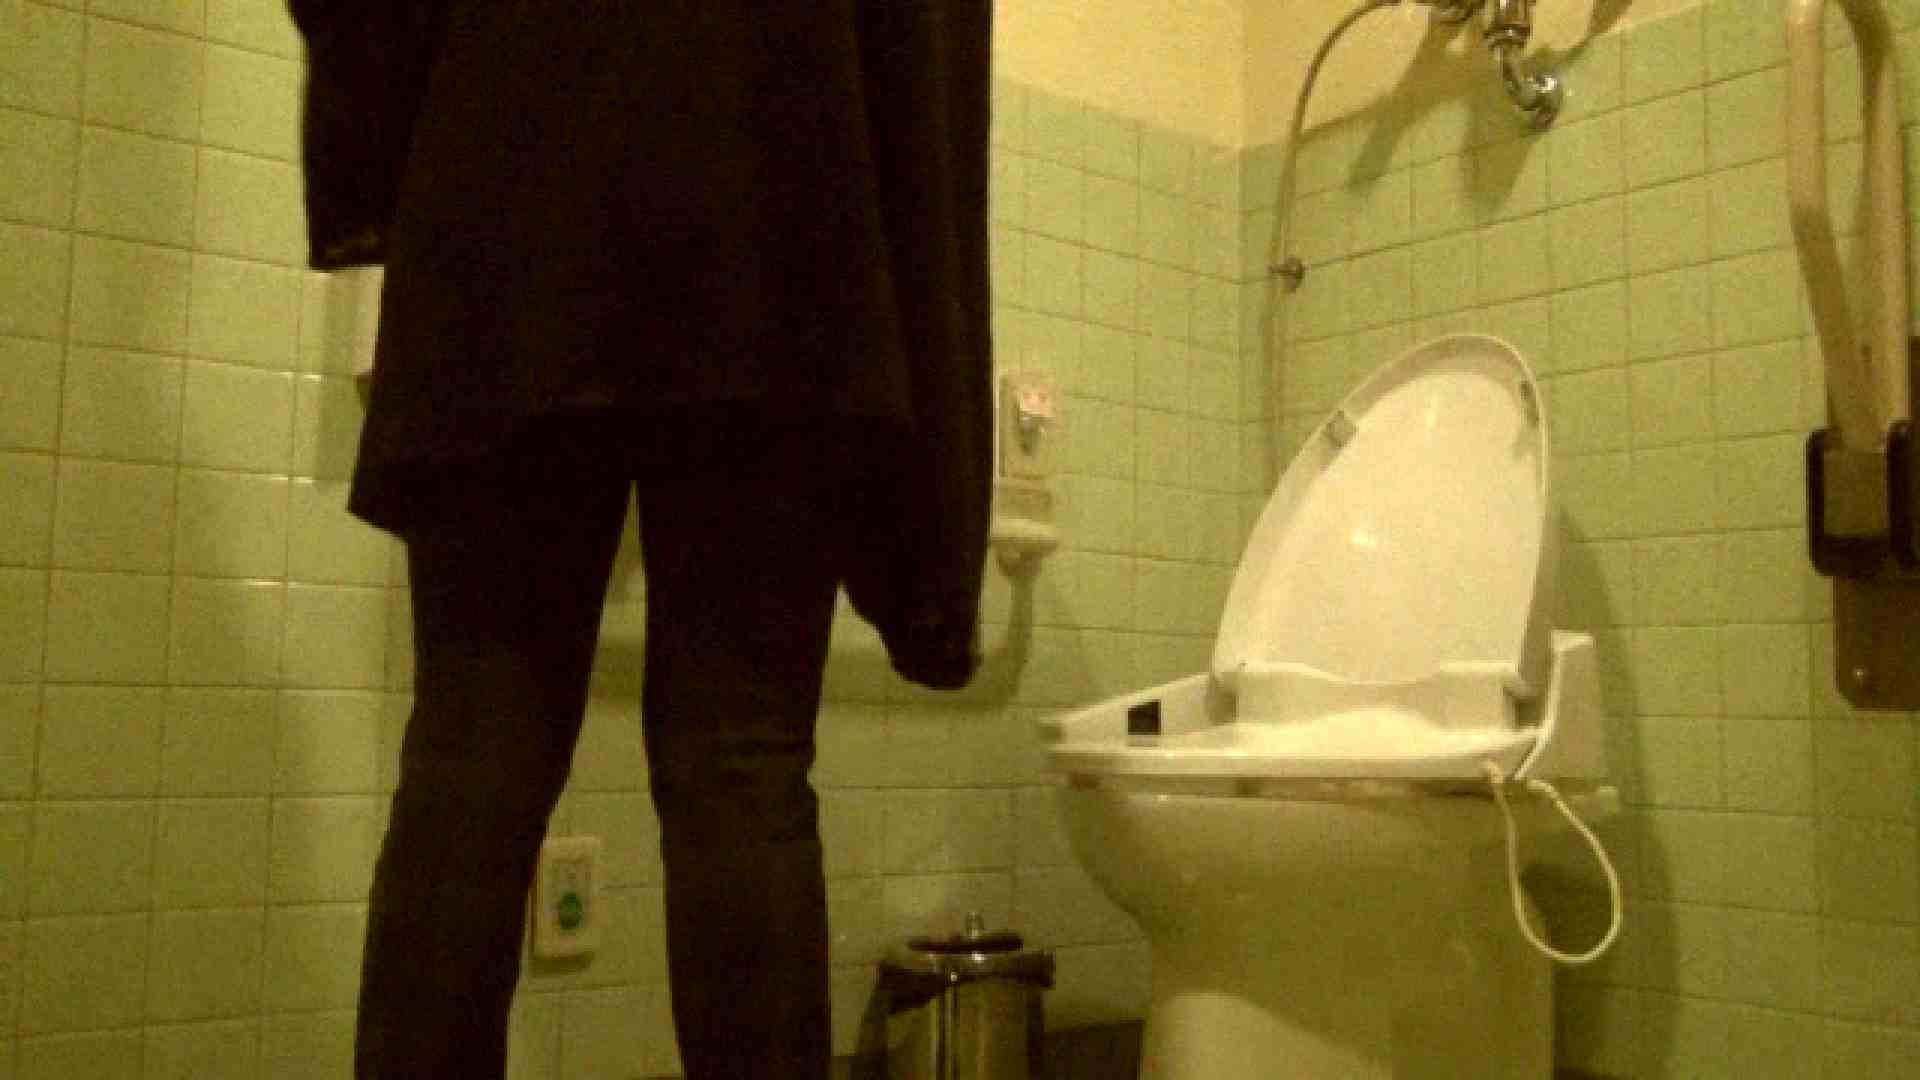 魔術師の お・も・て・な・し vol.26 19歳のバーの店員さんの洗面所をしばし… 洗面所 隠し撮りおまんこ動画流出 90pic 17